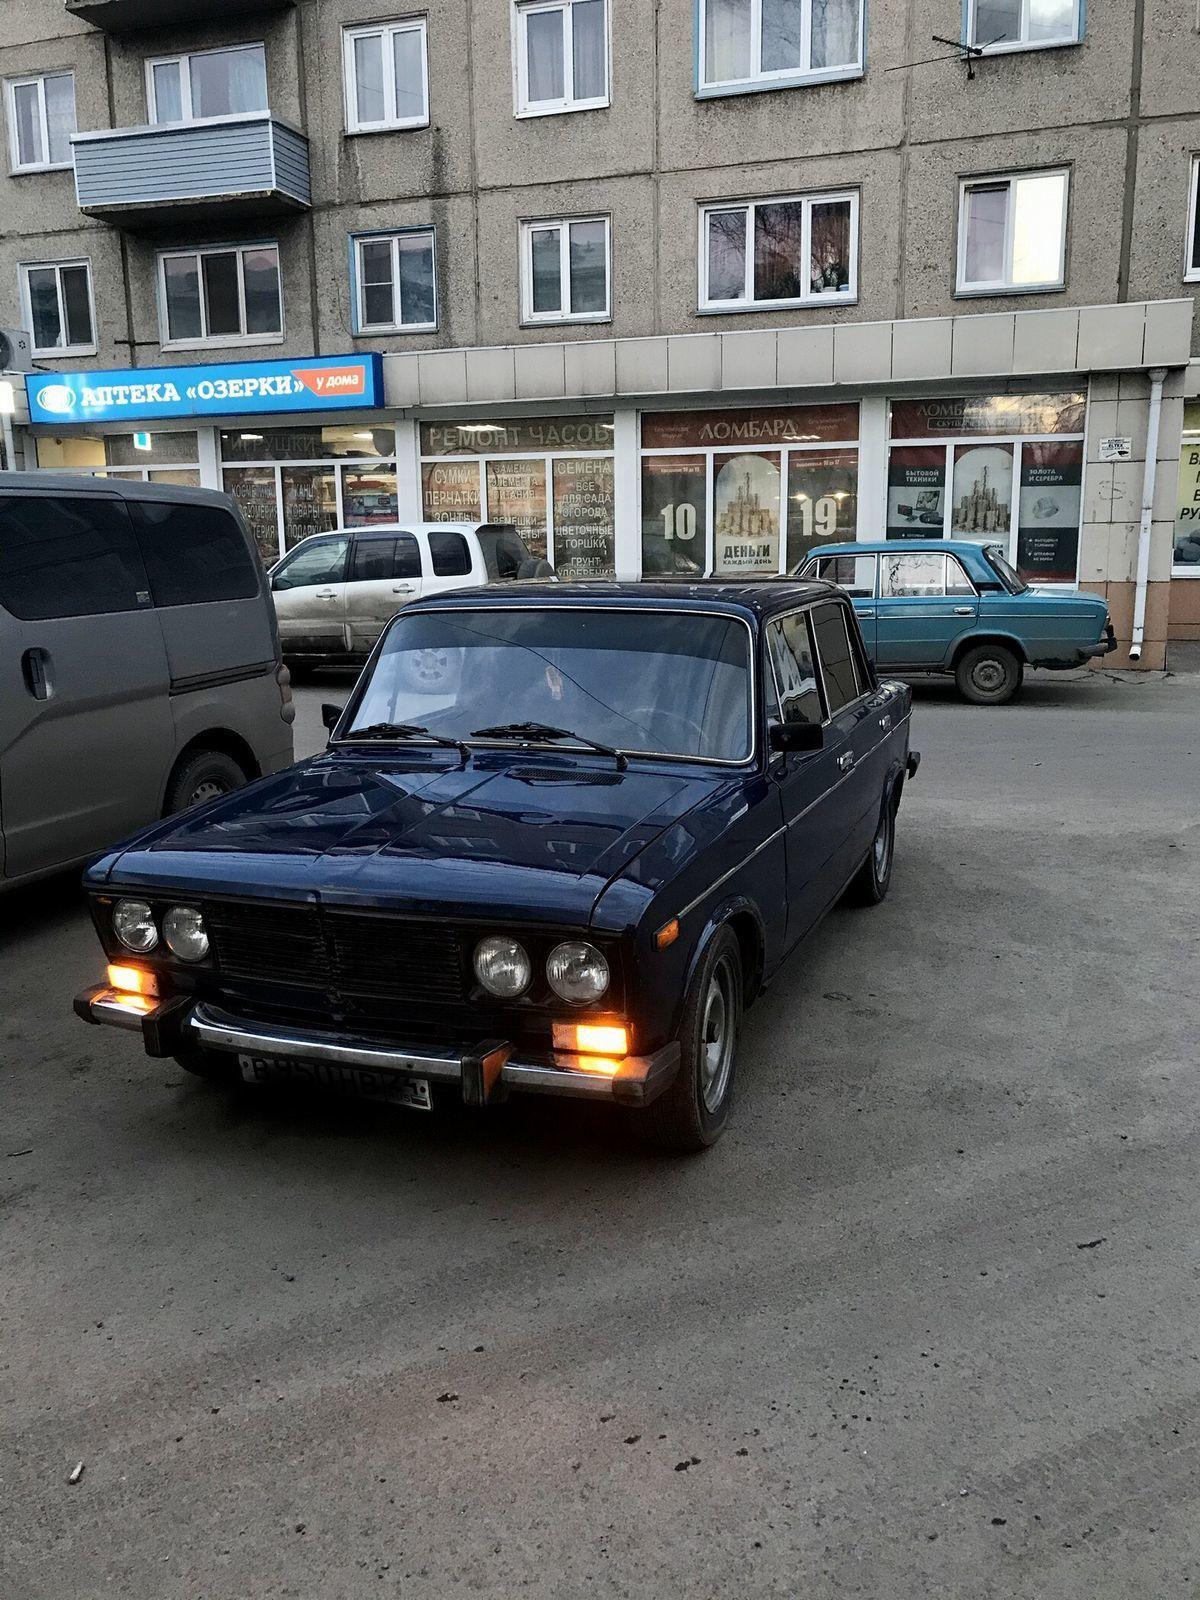 Распродажа автомобилей с ломбардов в красноярске акции и скидки в автосалонах в москве